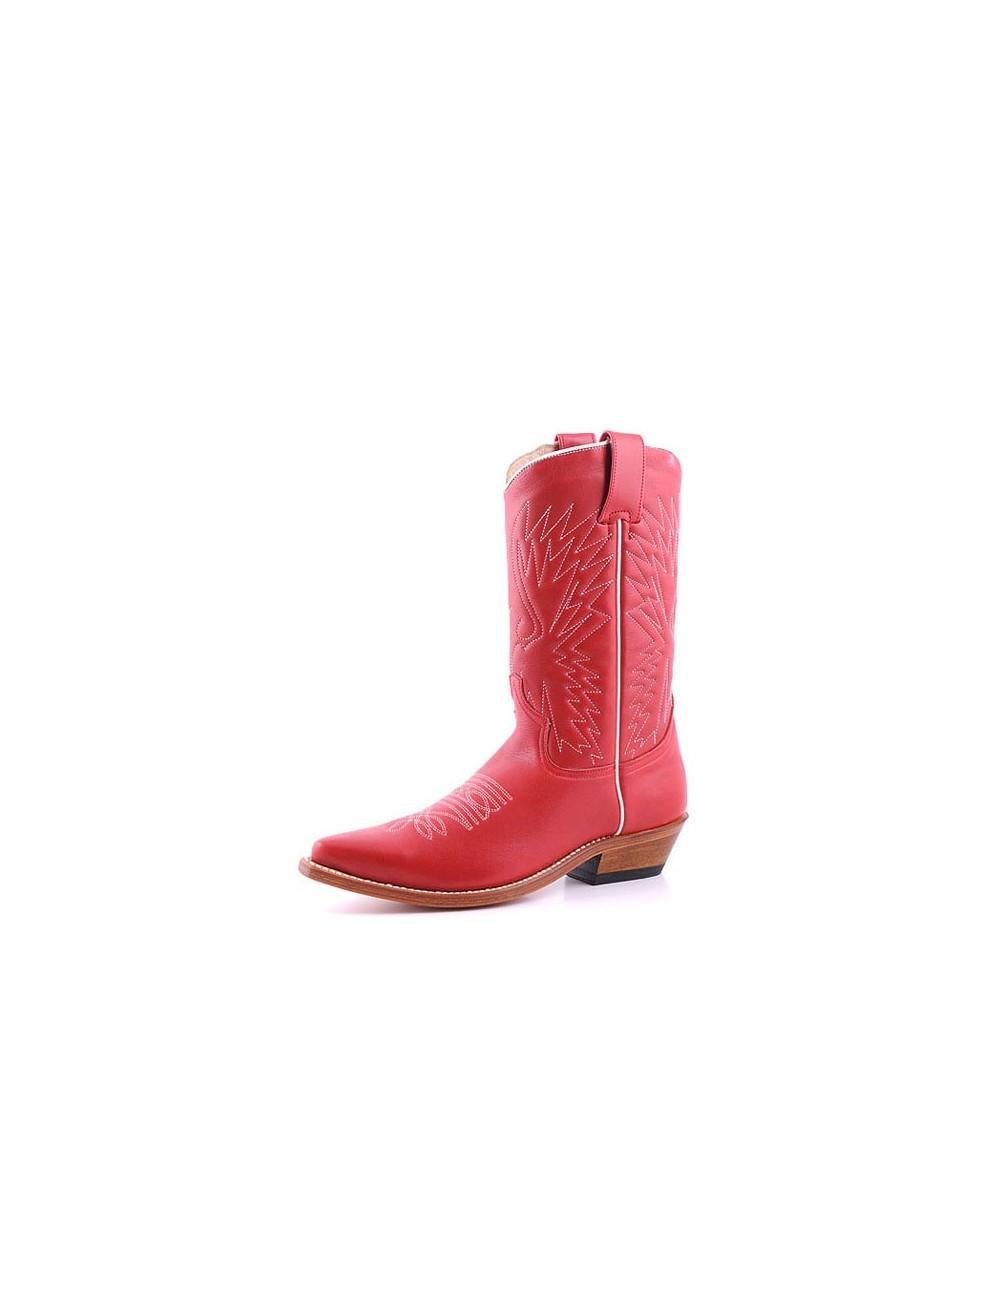 Santiags sur mesure - Sur mesure - Santiags femme cuir rouge